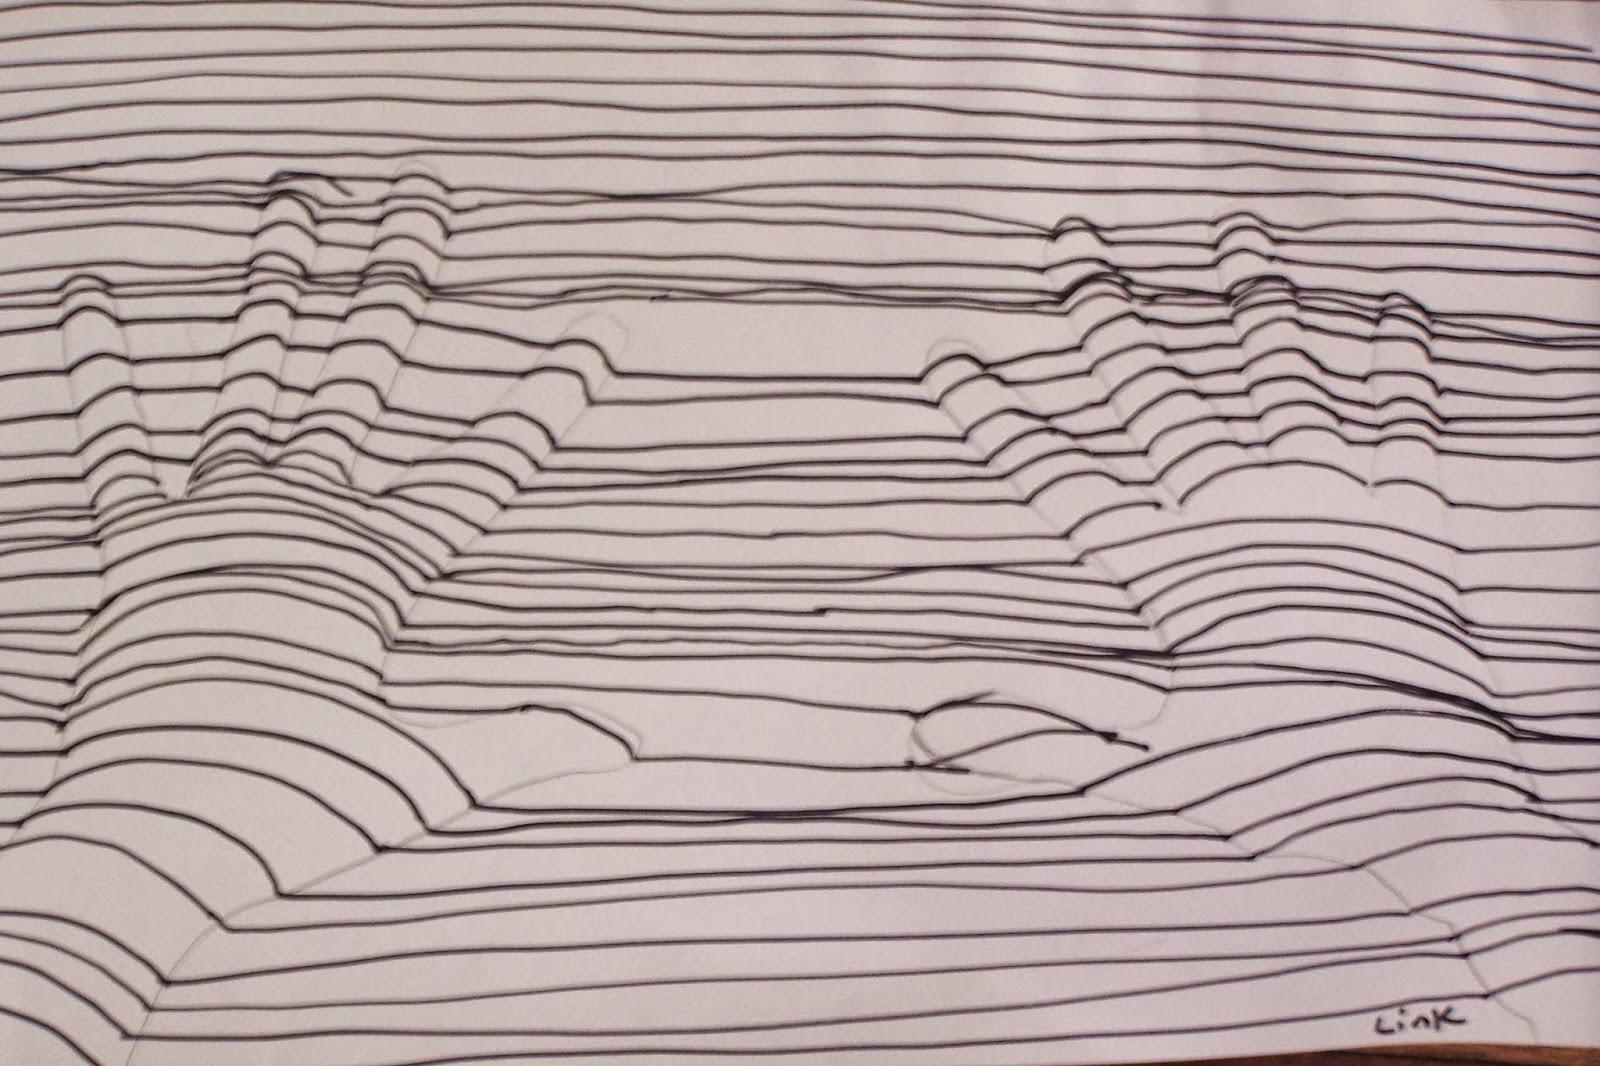 Contour Line Drawing Of A Landscape : Art teacher for hire and sculptresslink contour line